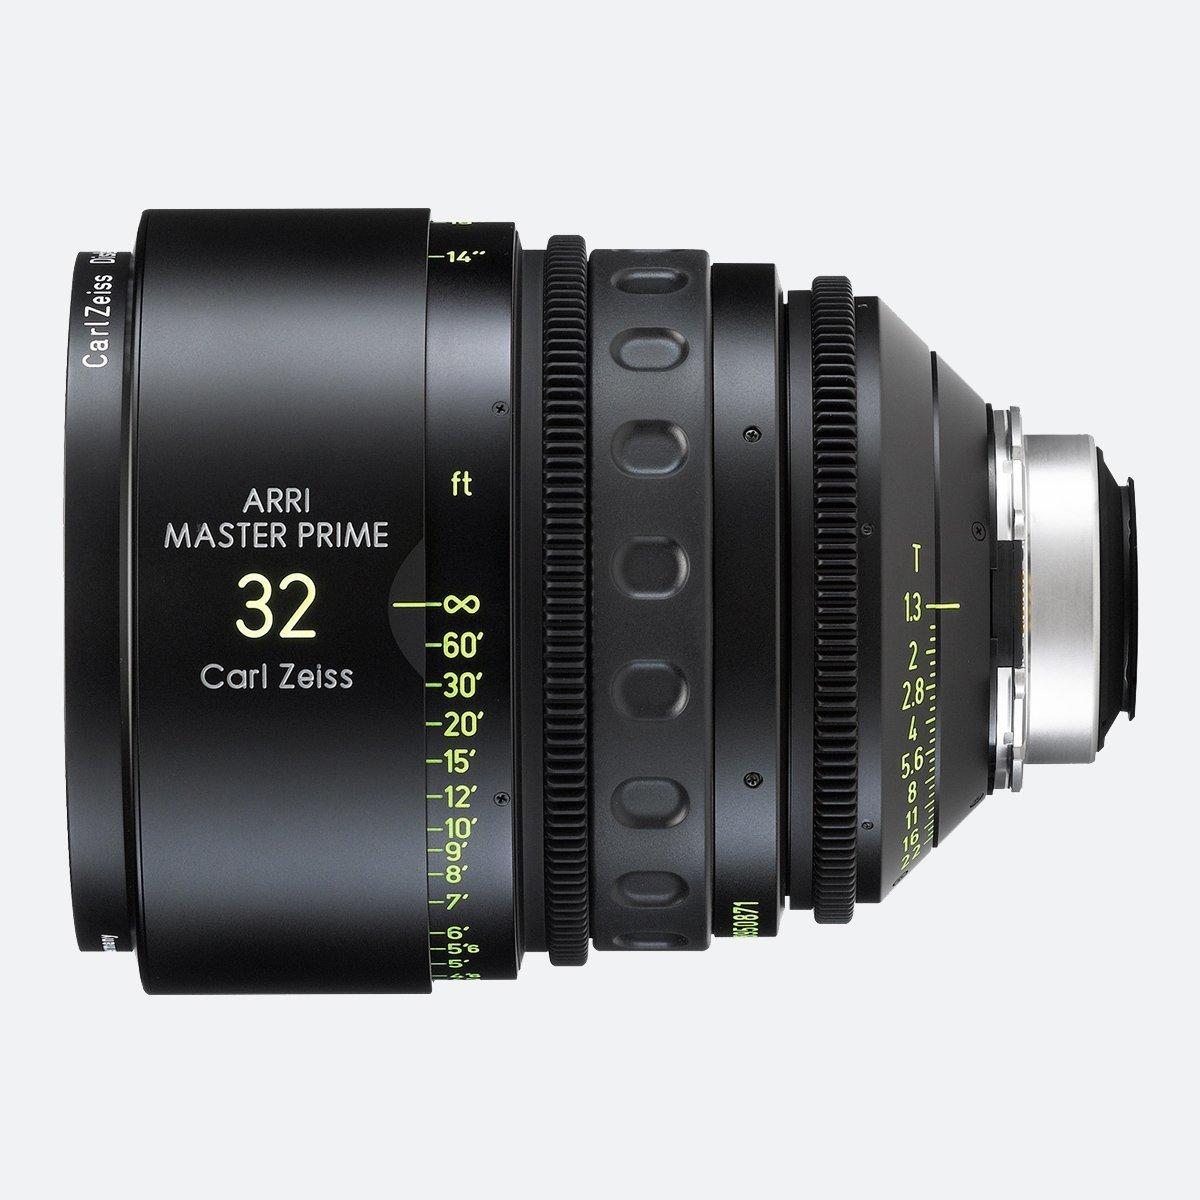 ARRI 32mm T1.3 Master Prime Lens